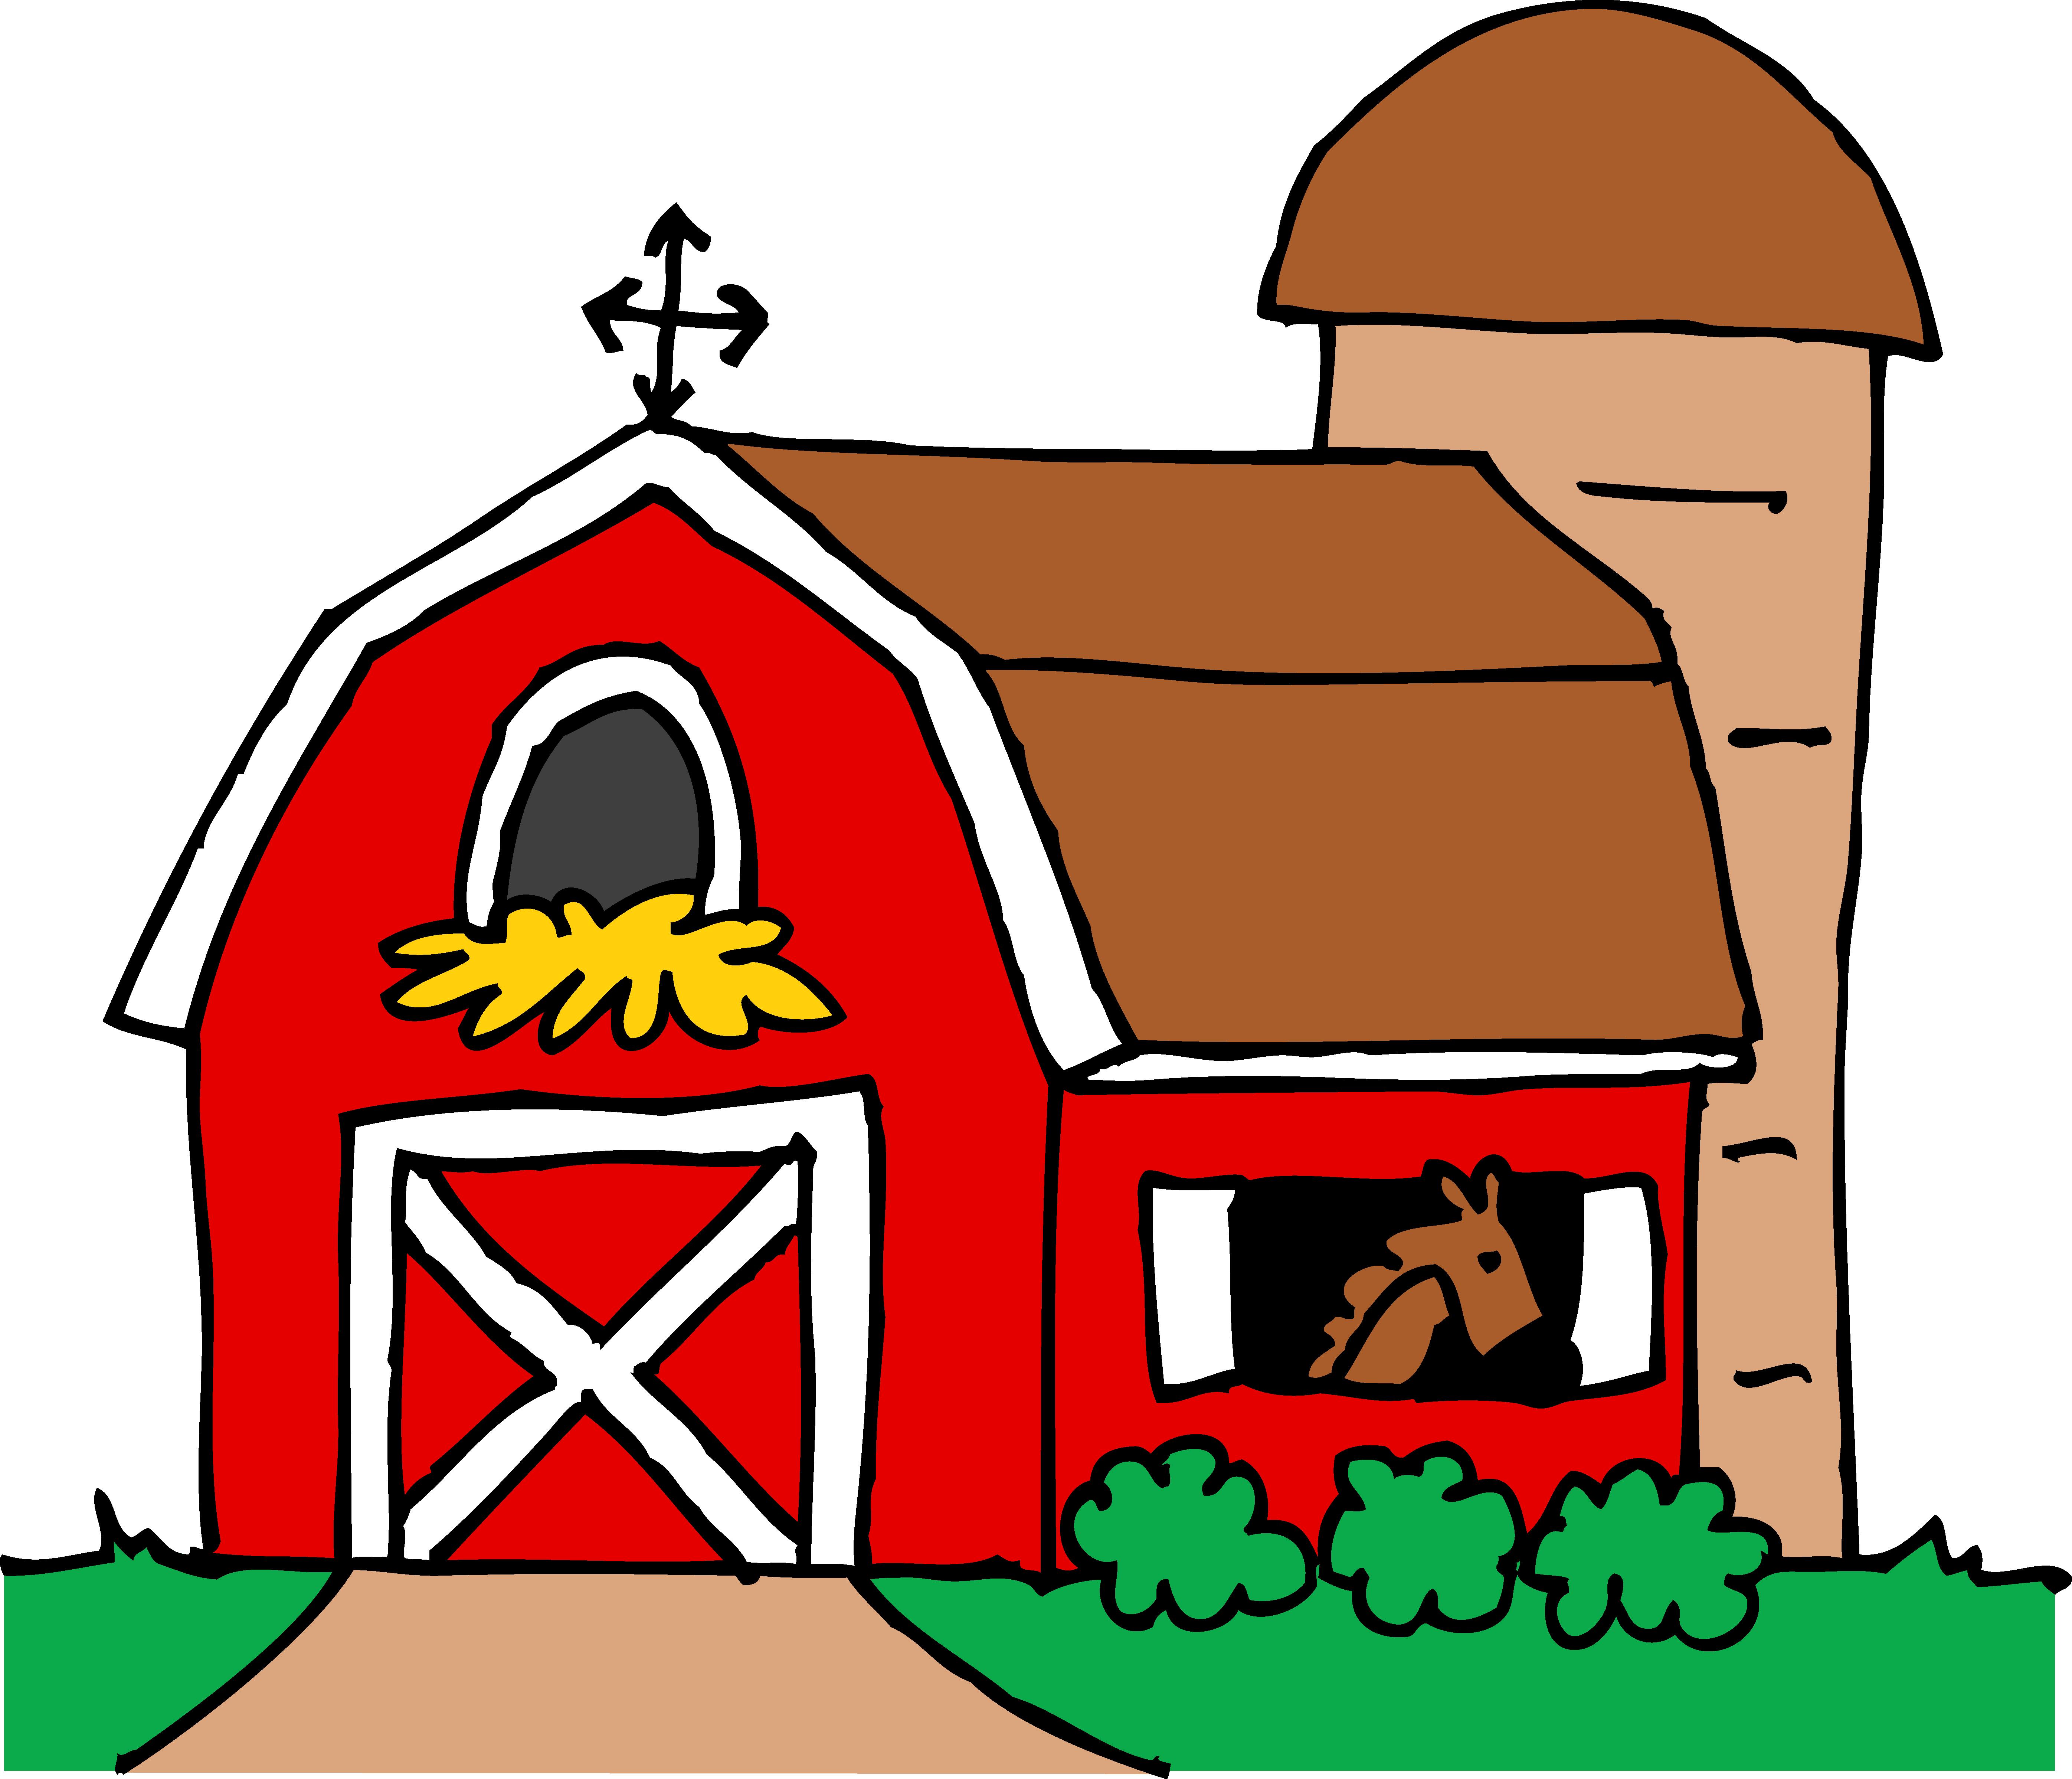 5583x4793 Farm House Clipart Many Interesting Cliparts